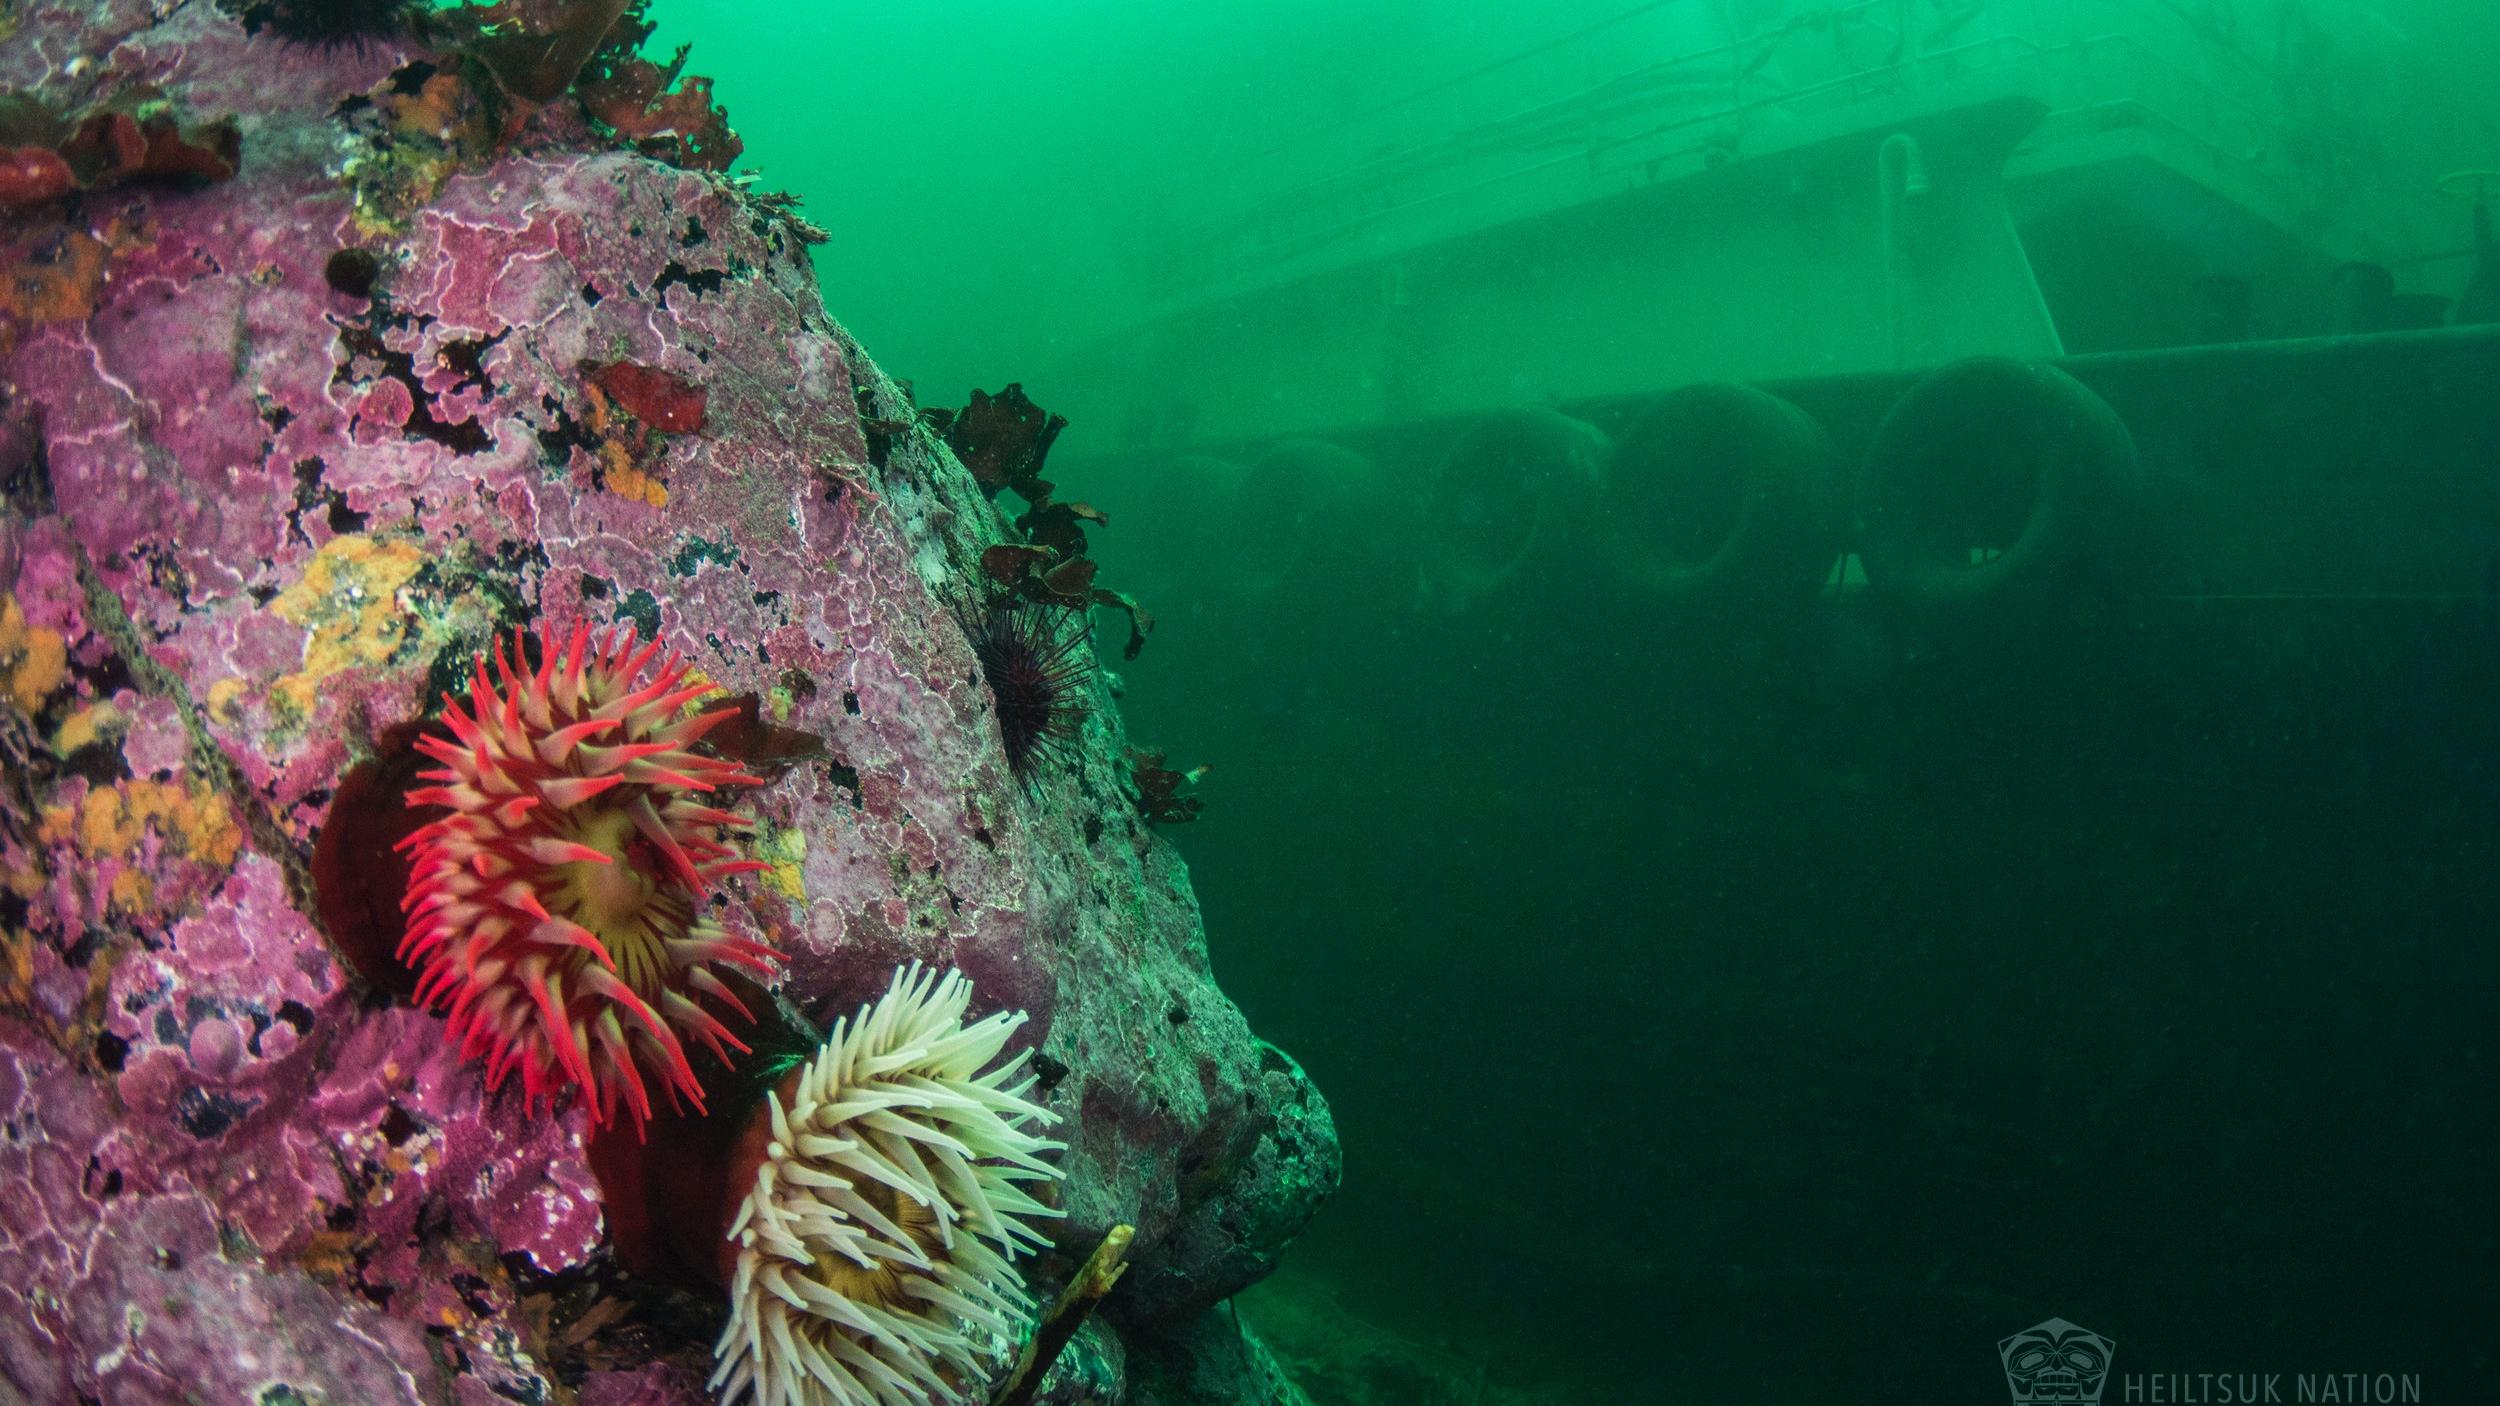 Oct24.NathanEStewart.Underwater.HeiltsukNation.02.jpg